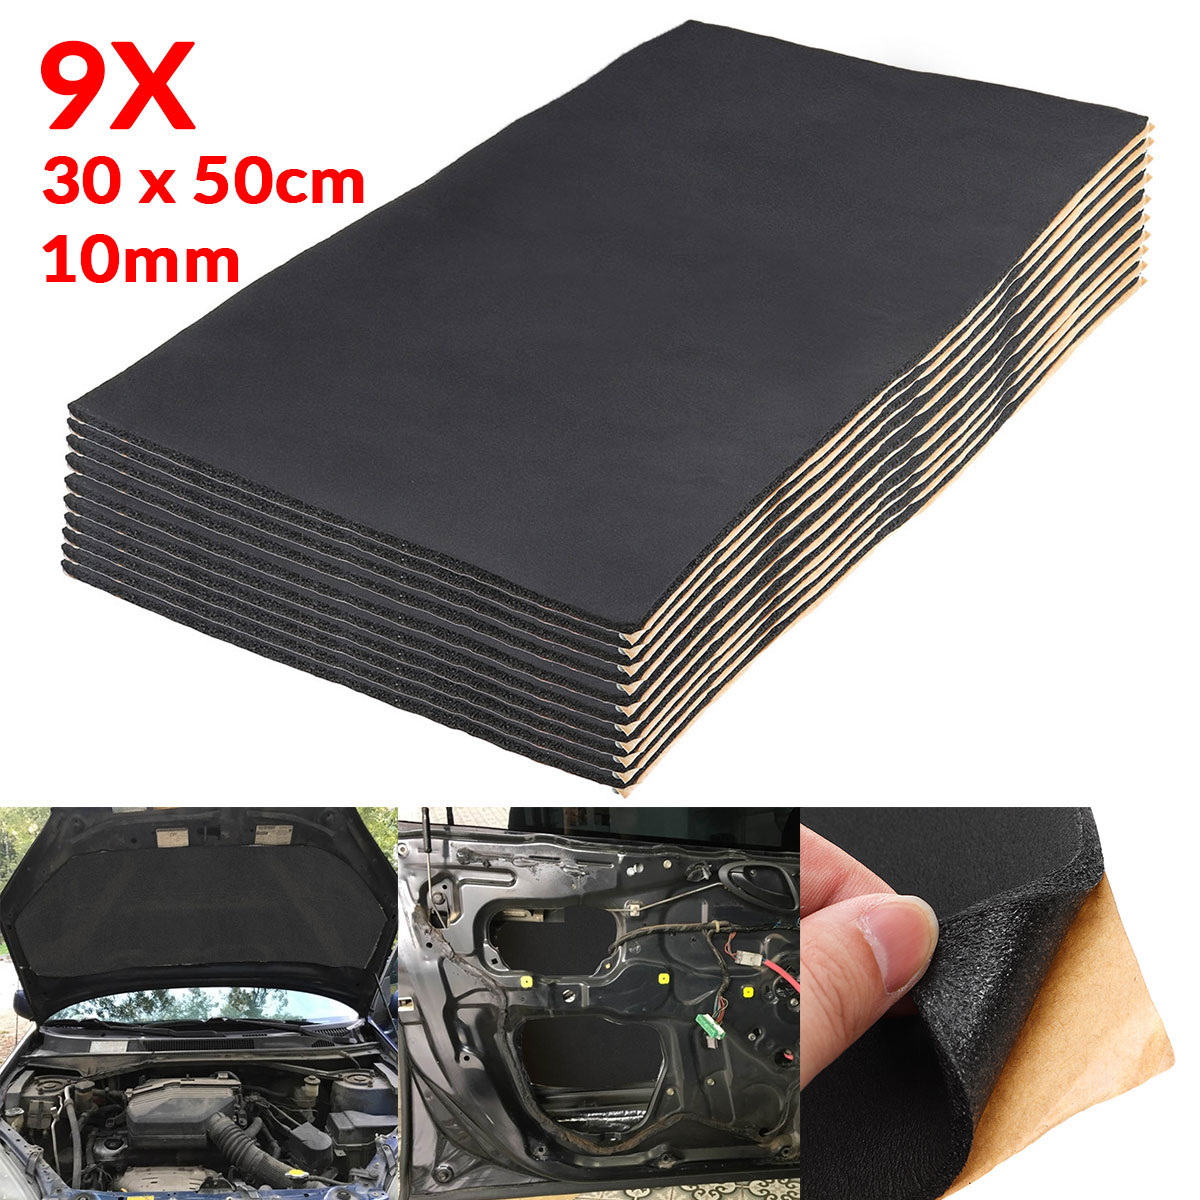 9X 1 centimetri 0.6 centimetri Car Audio Deadener Calda Zerbino A Prova di Rumore Cofano Isolamento Fonoassorbente Motore Firewall di Calore Schiuma di Cotone sticker 30x50cm